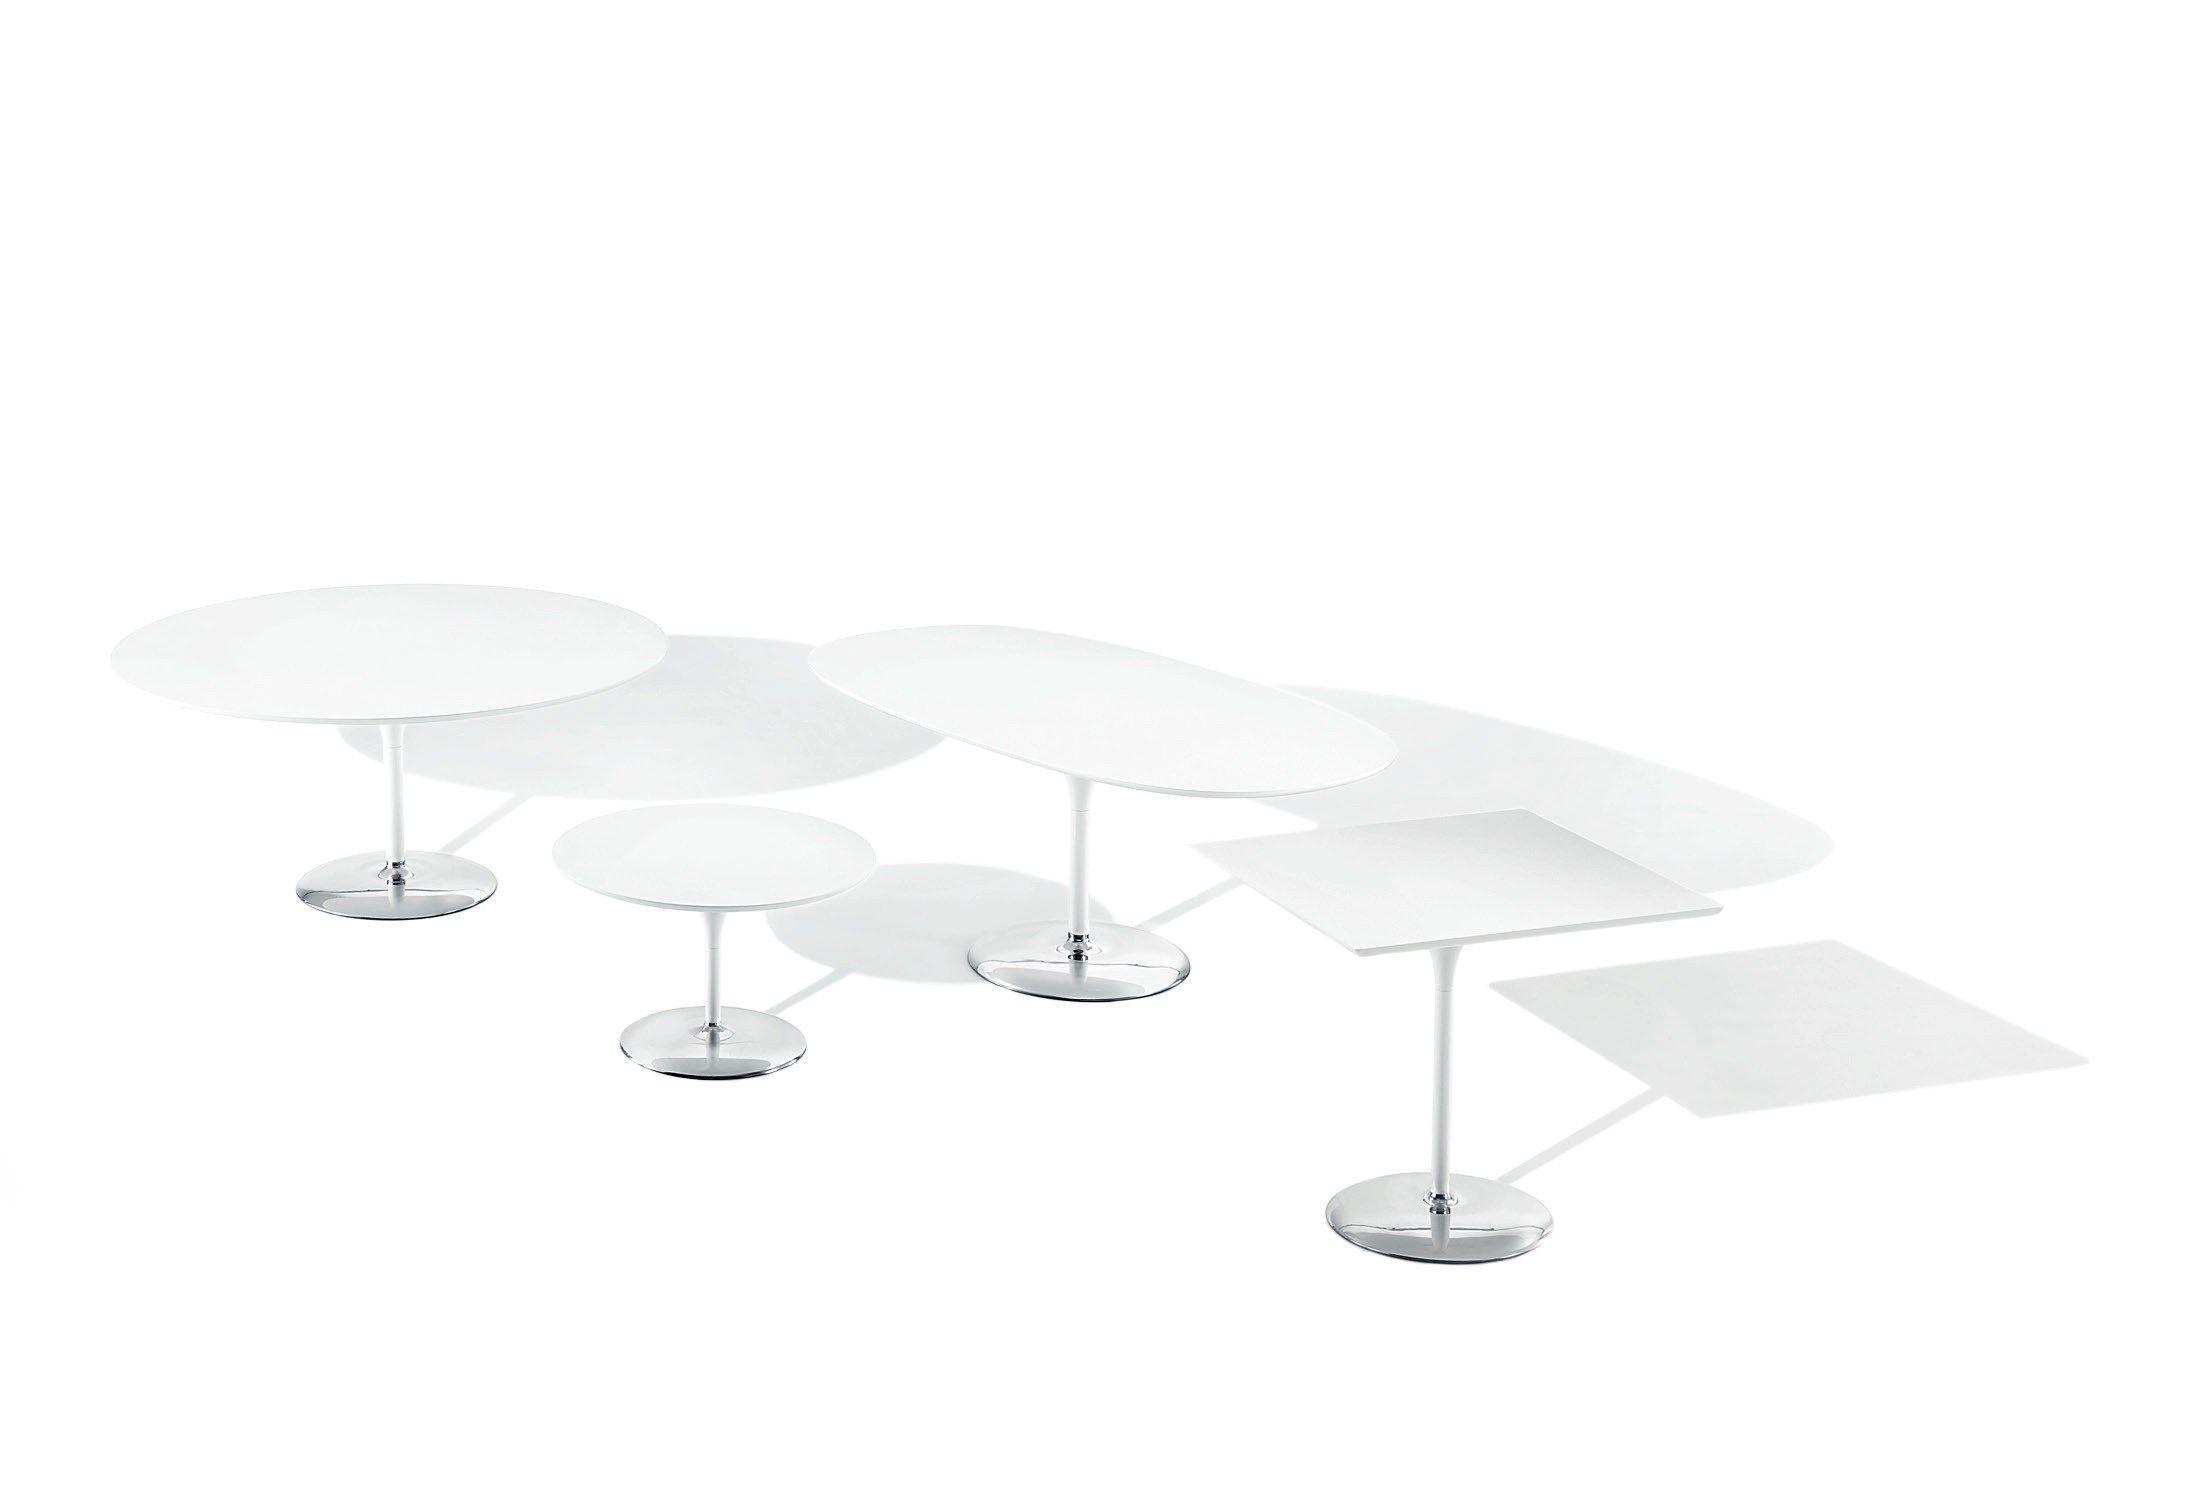 Duna tavolo quadrato by arper design lievore altherr molina for Tavolo quadrato design